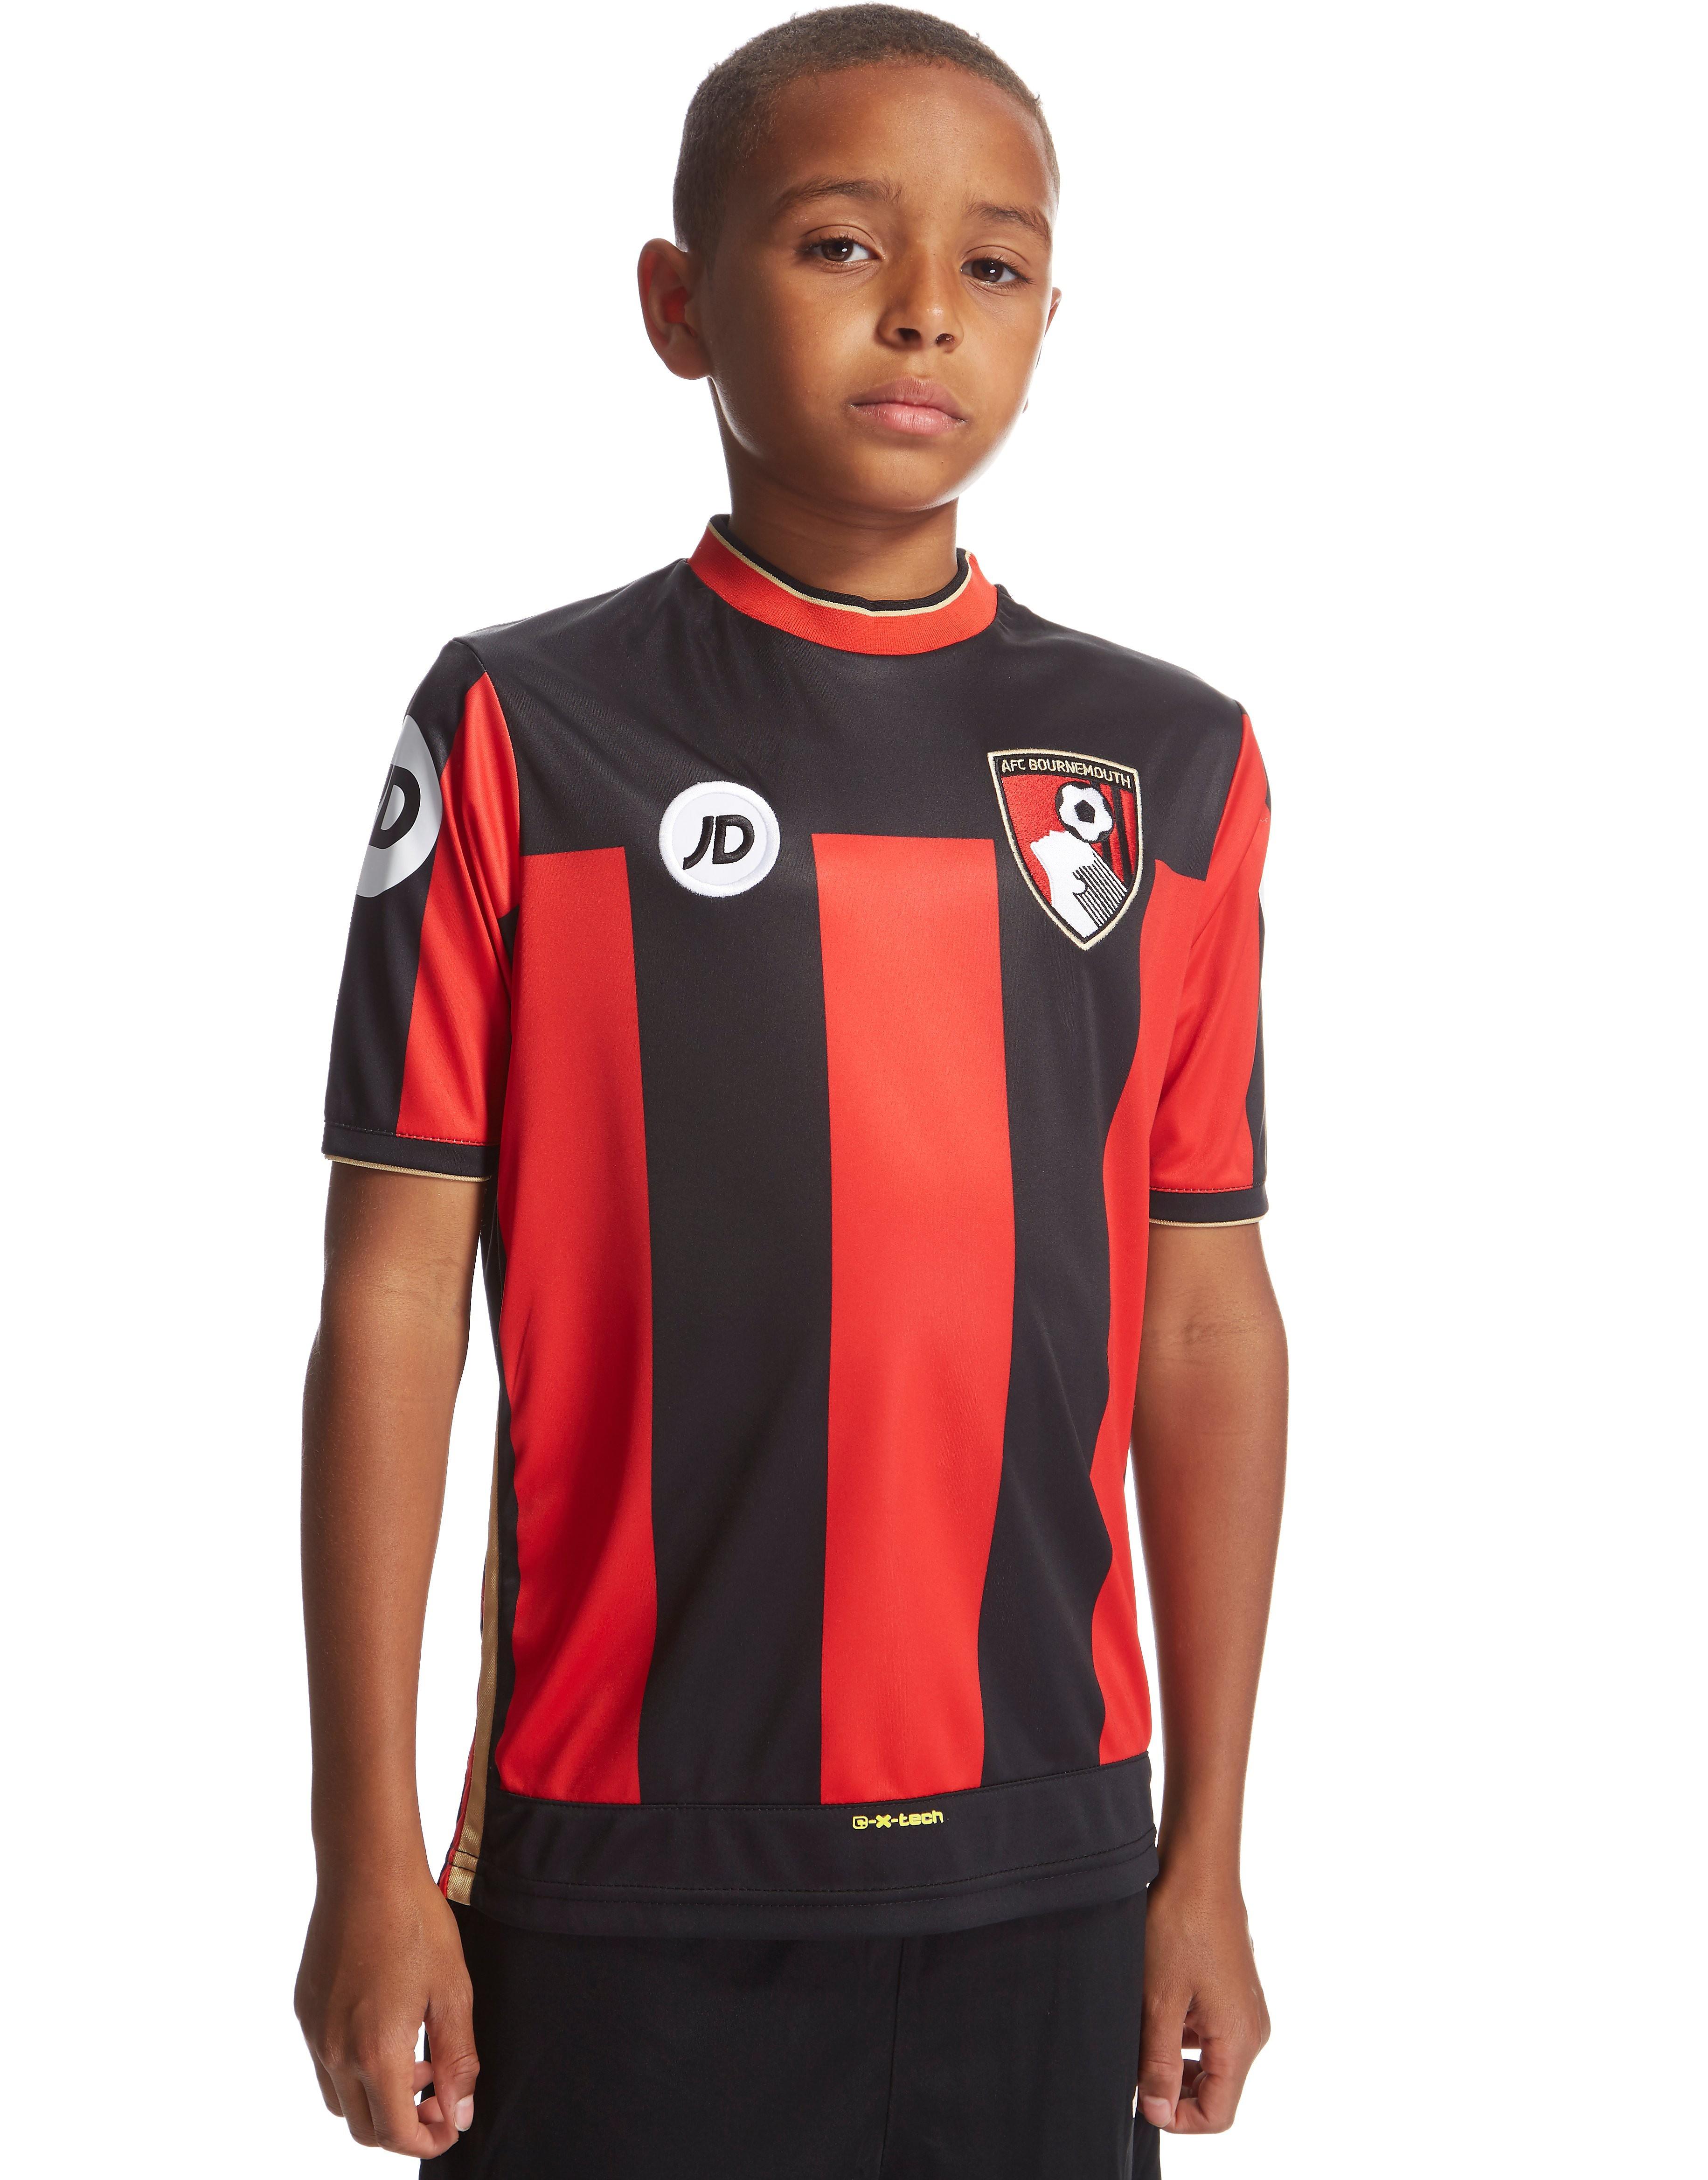 JD AFC Bournemouth Home 2015/16 Shirt Junior